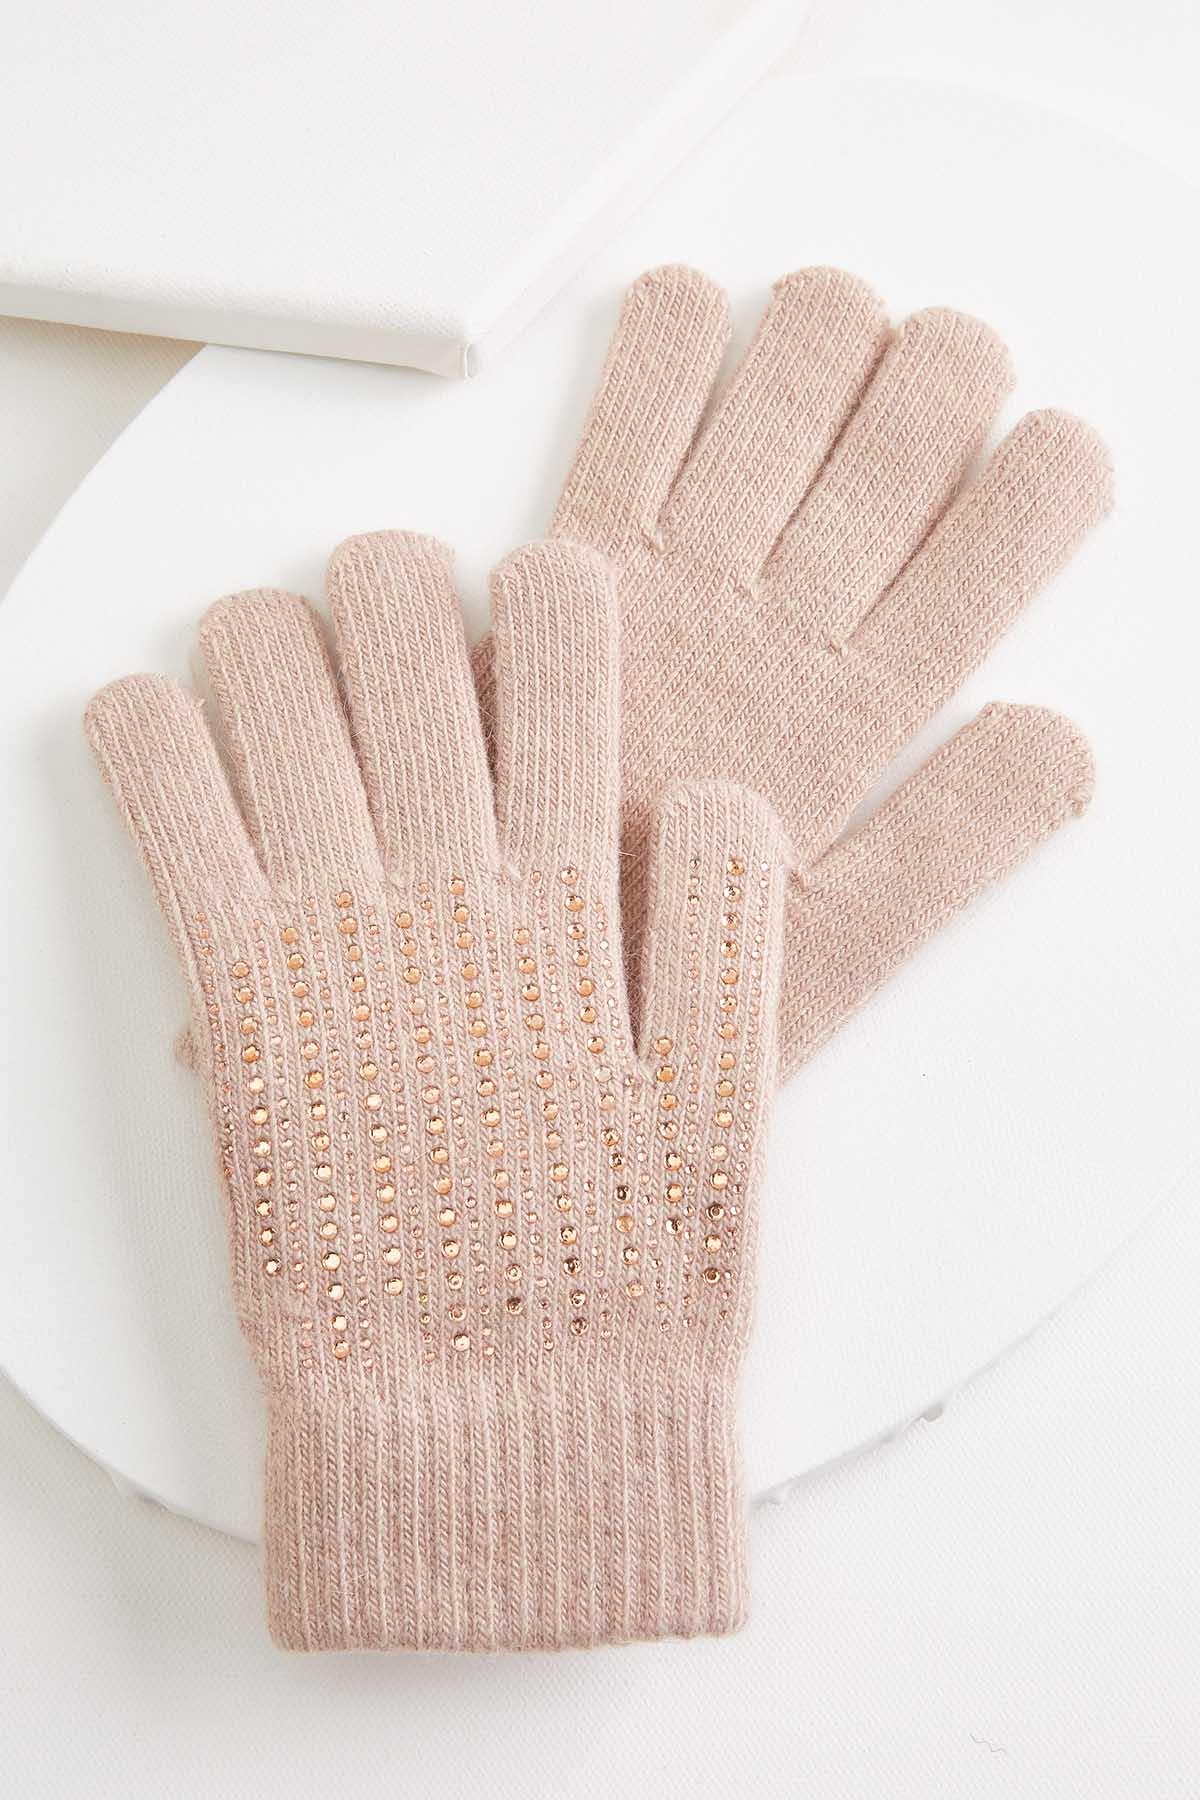 Toasty Hands Embellished Gloves